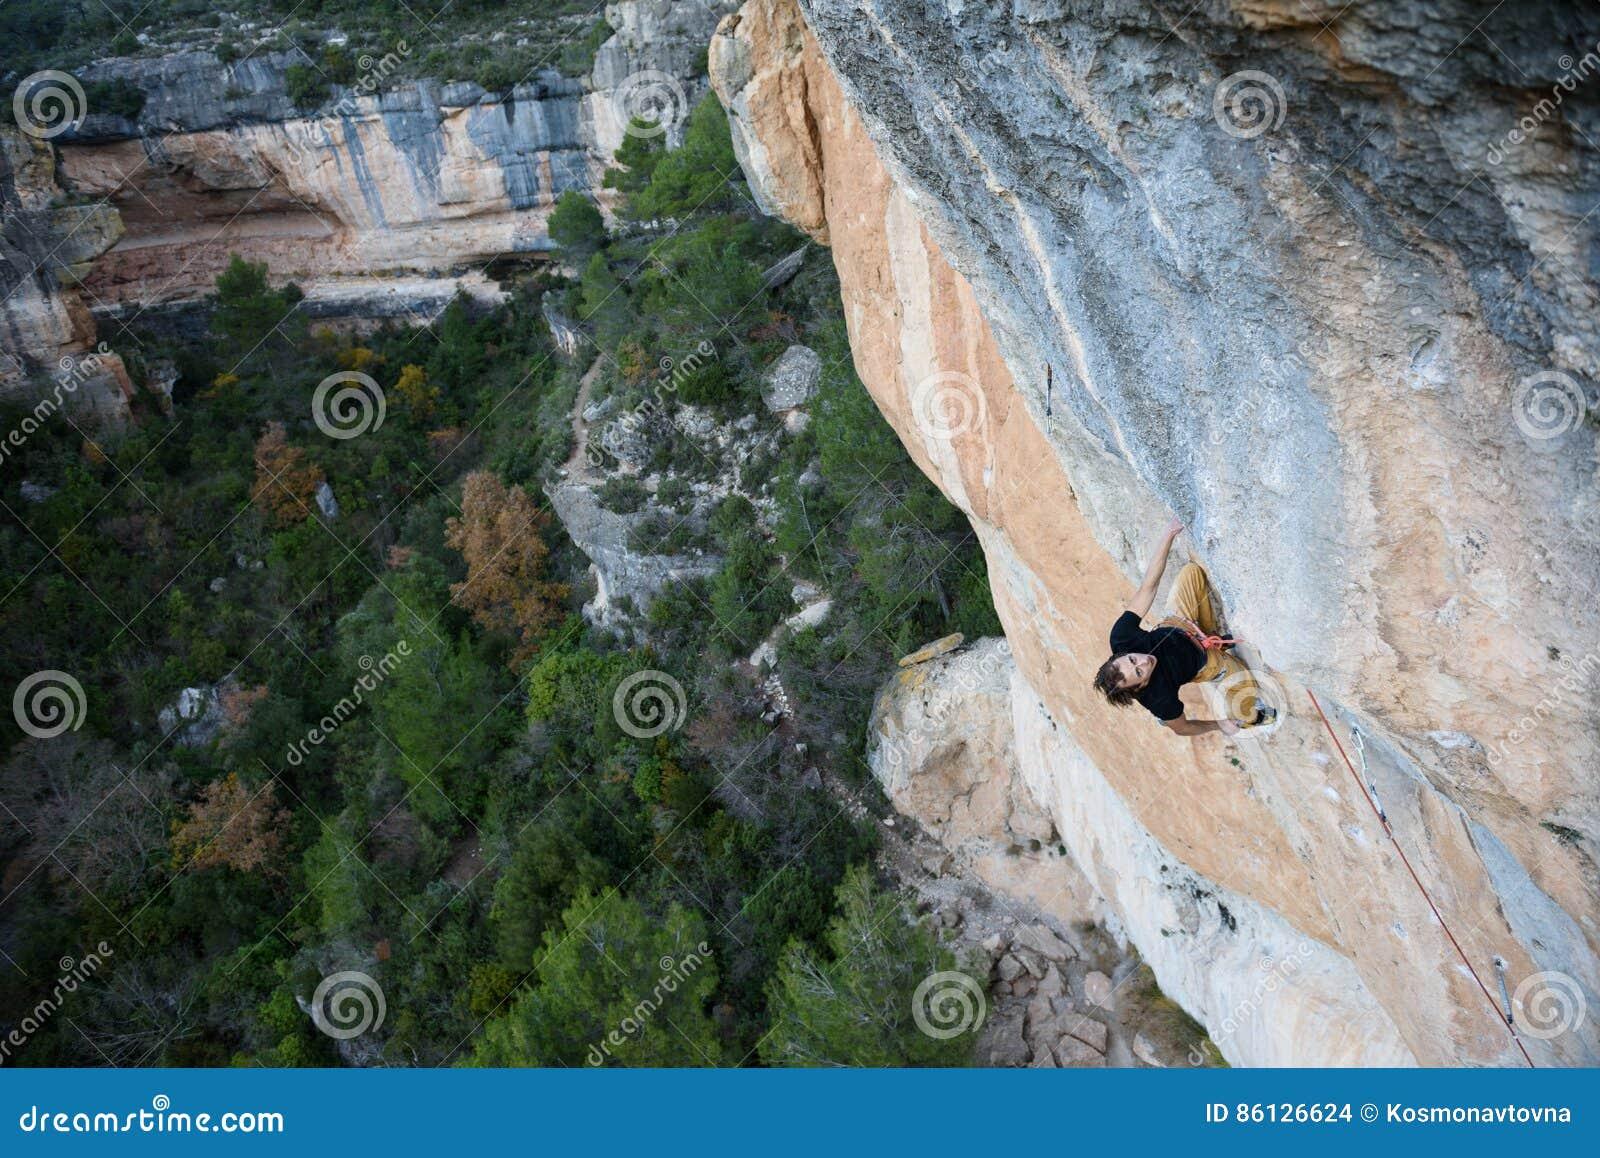 Deporte al aire libre Escalador de roca que tiene un resto en un acantilado El subir extremo del deporte